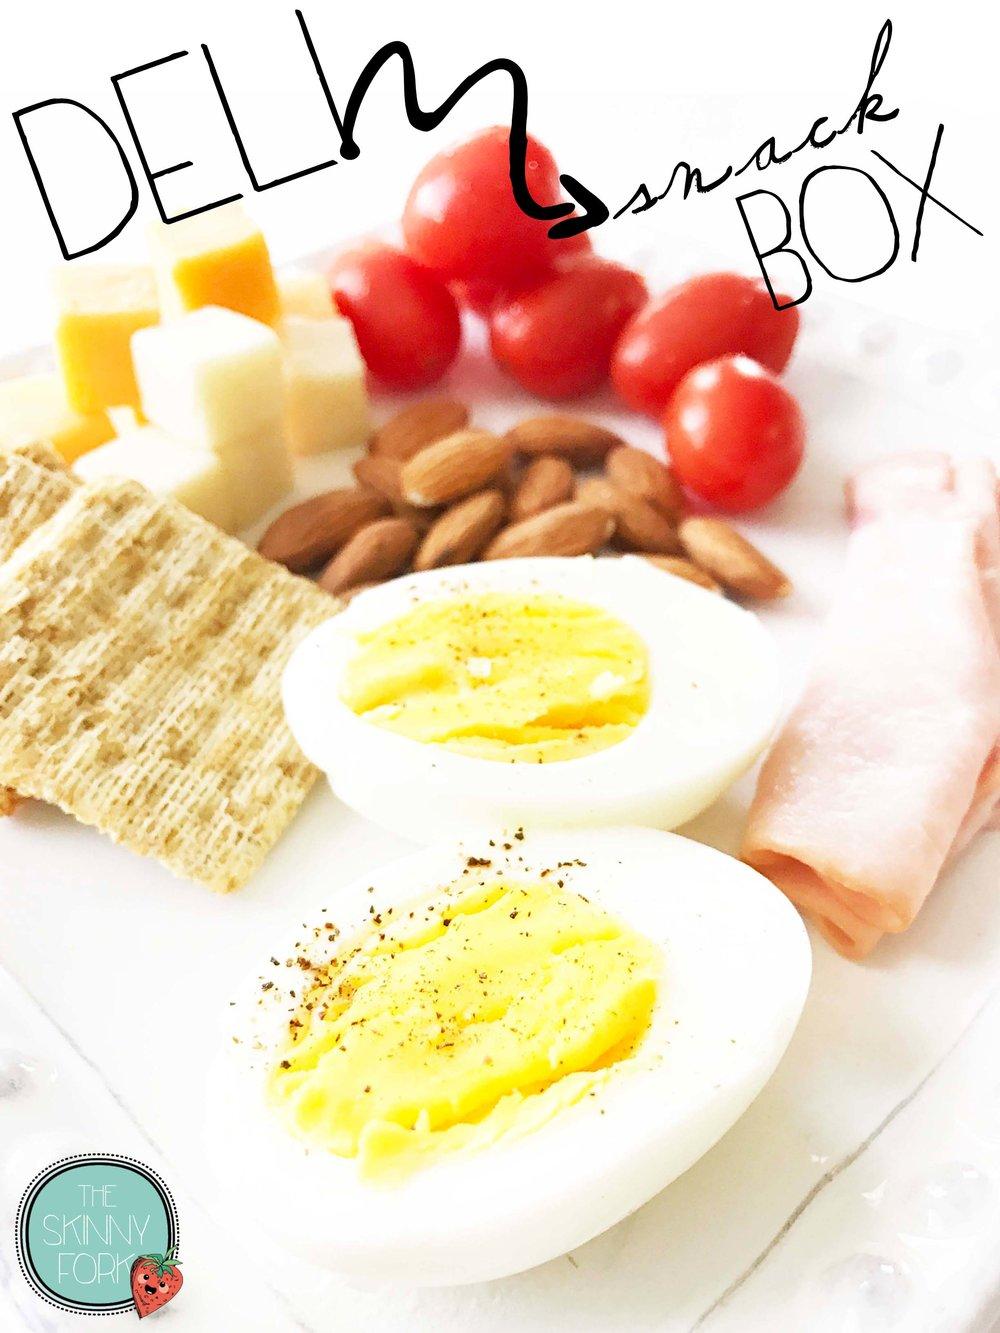 deli-snack-box-pin.jpg